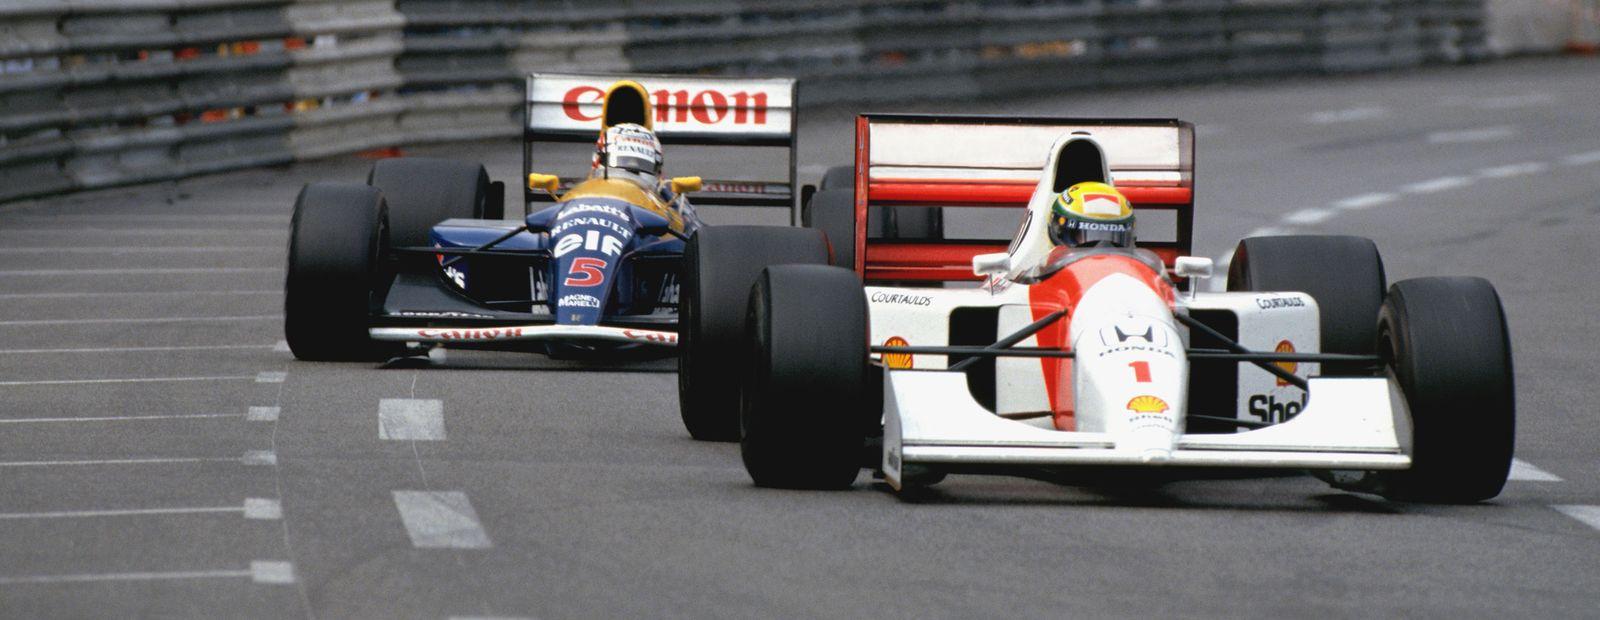 McLaren & Monaco